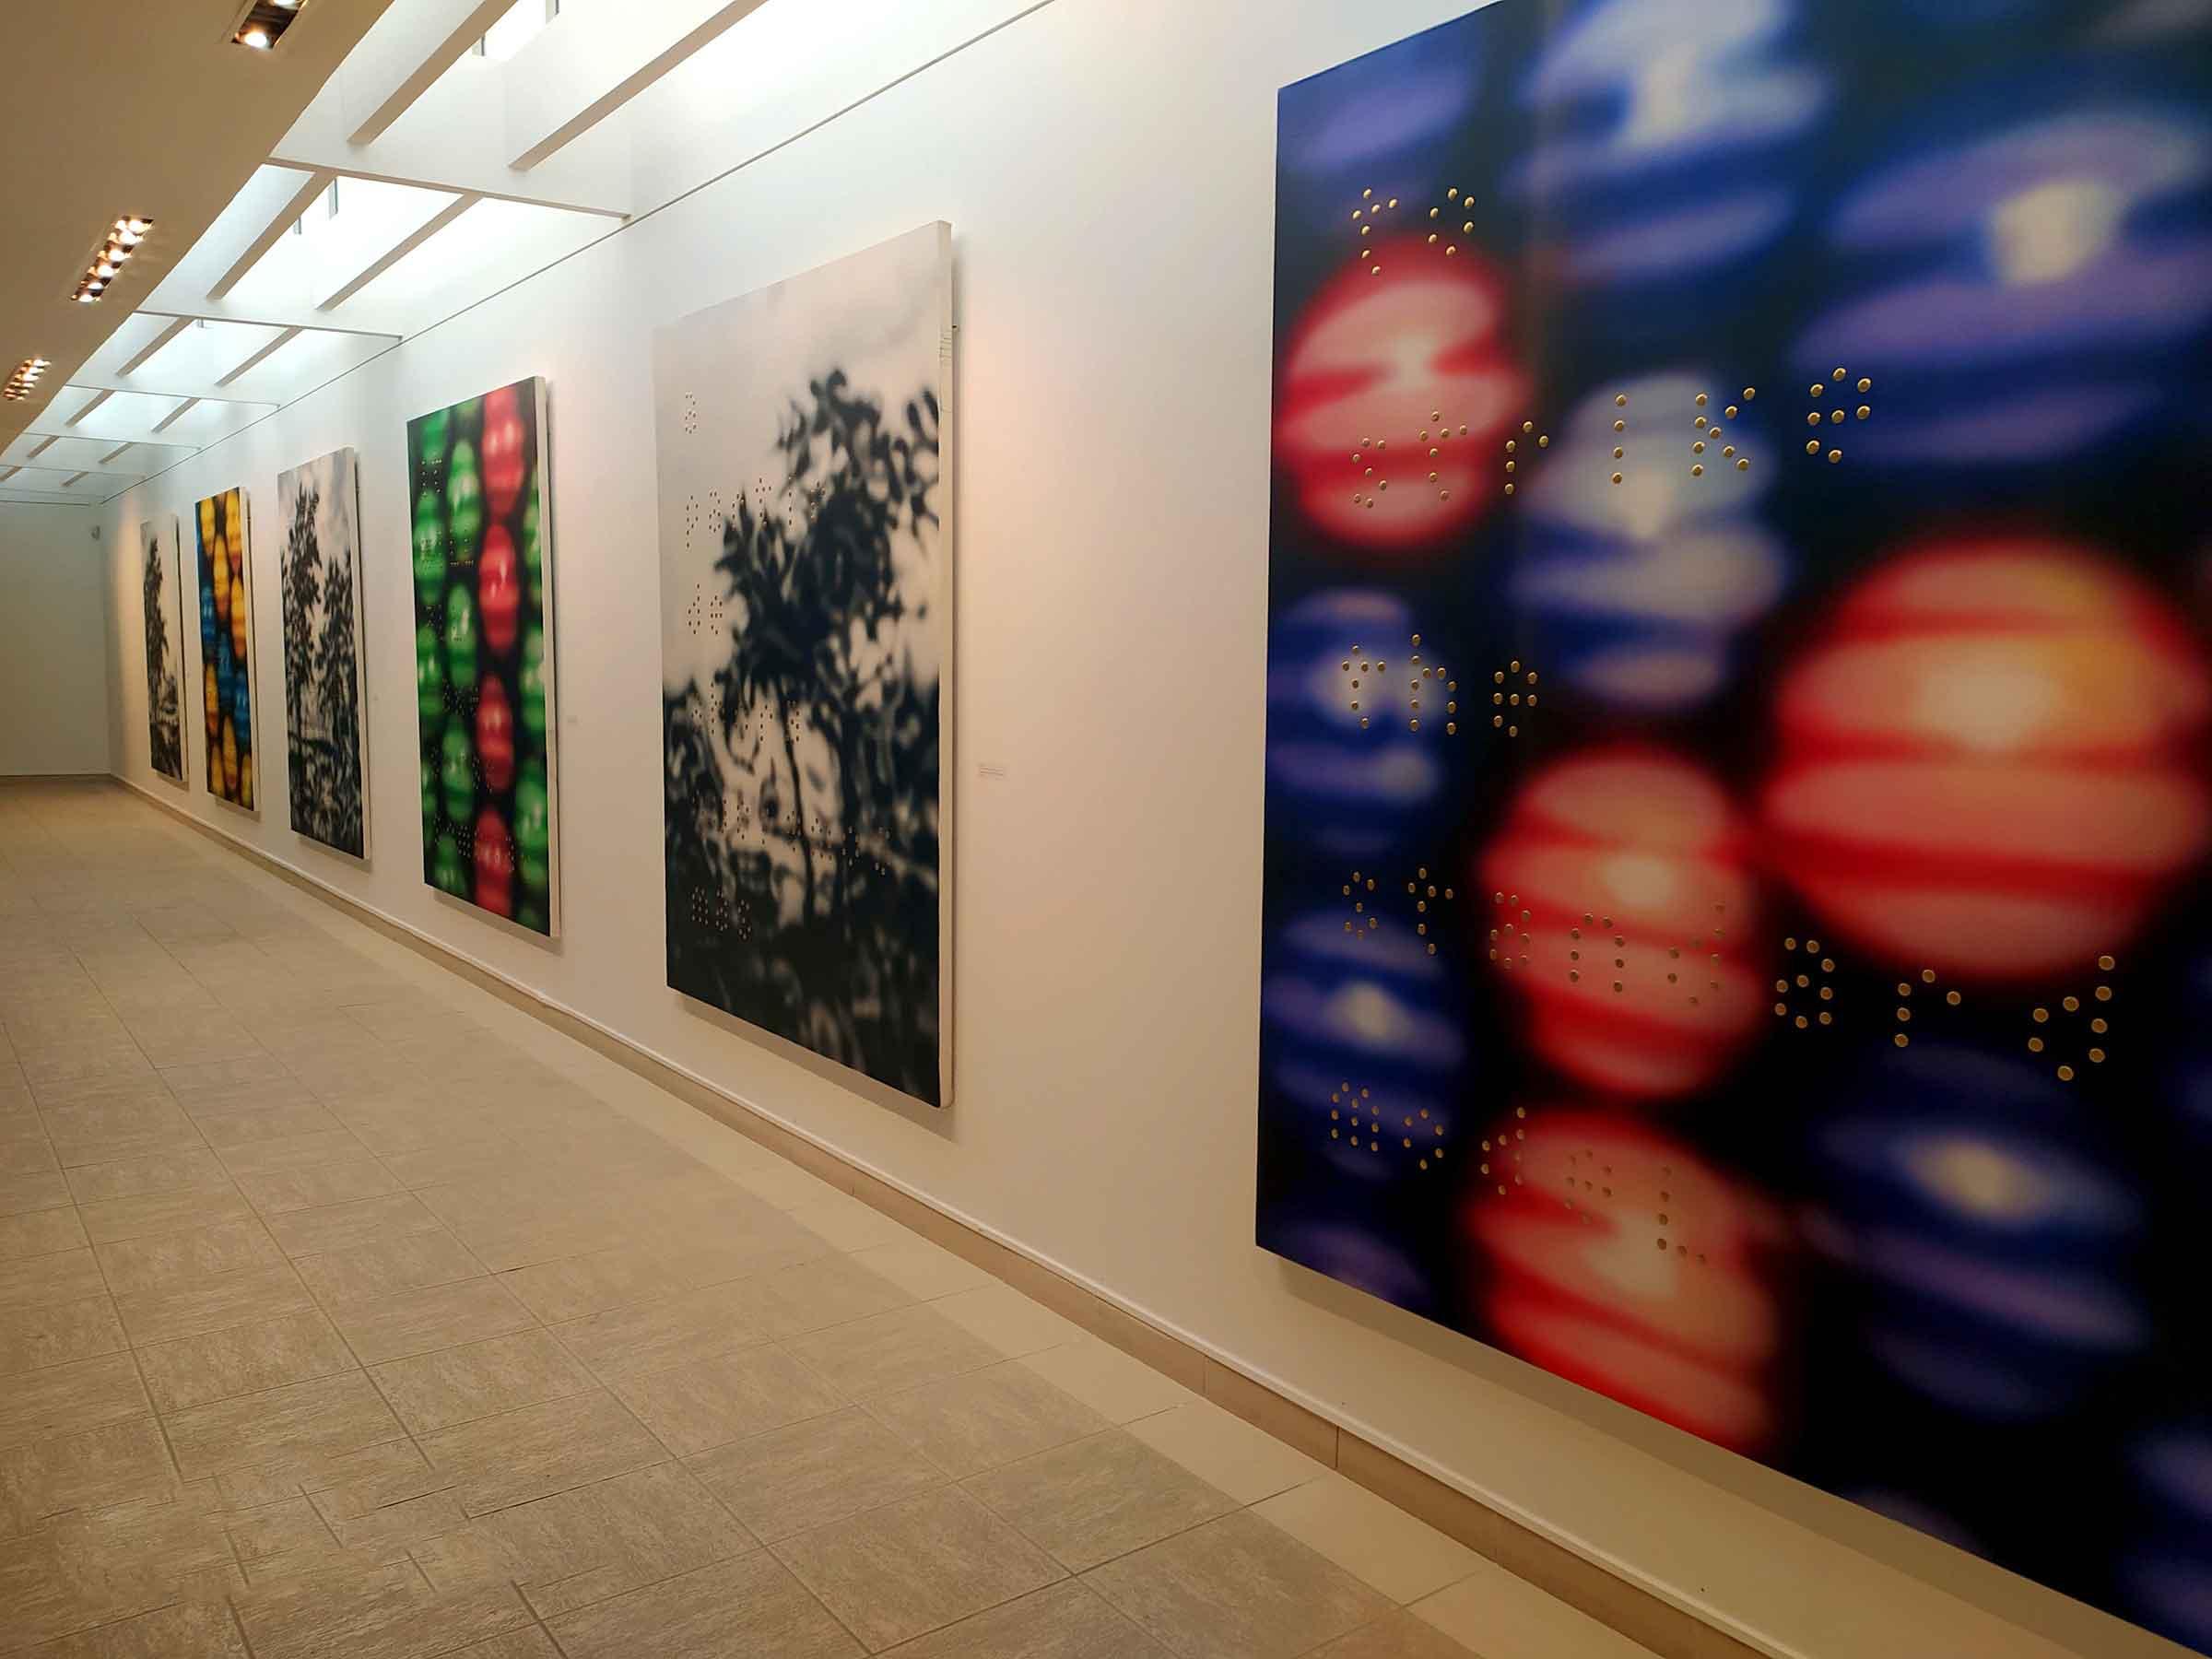 artista cubano Raúl Cordero. Entre moléculas, imágenes y textos